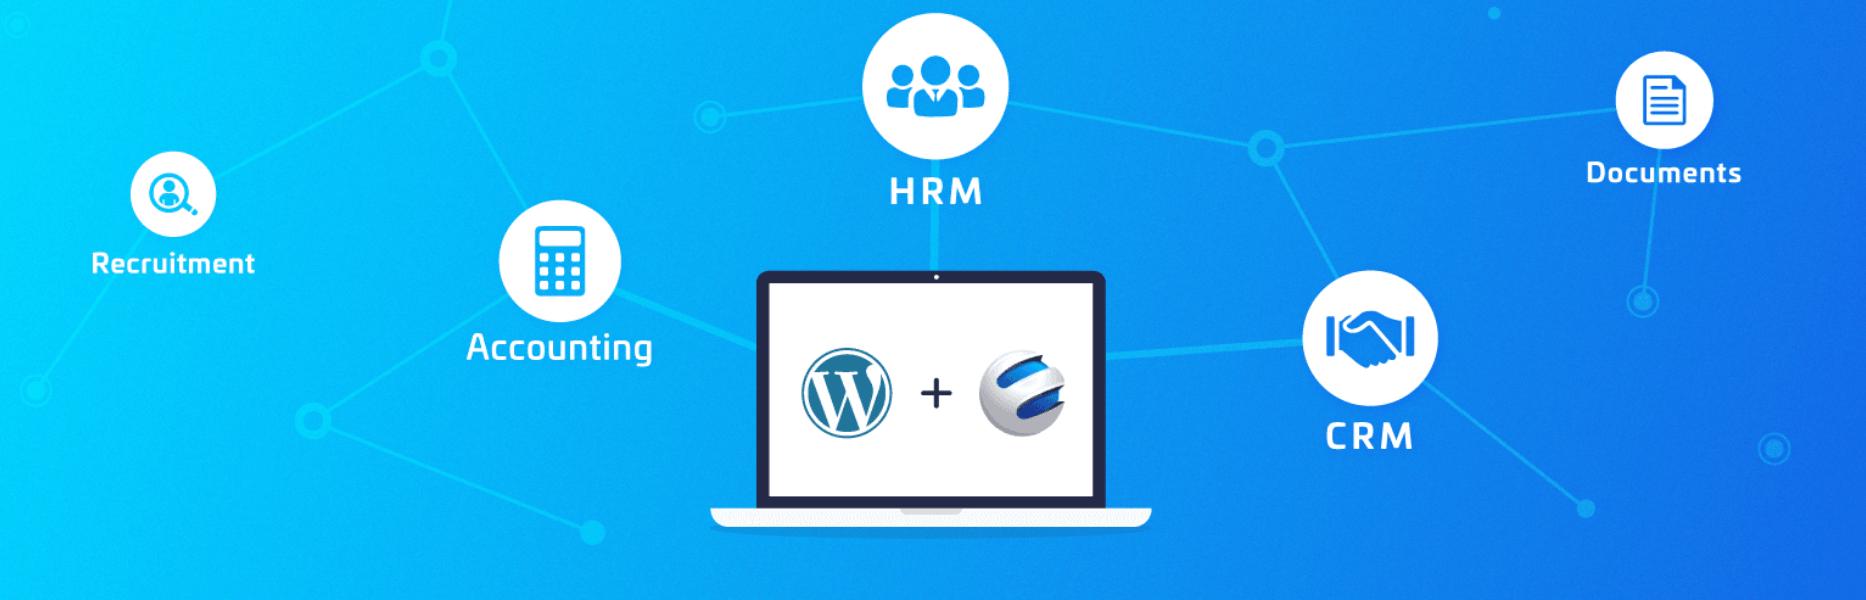 5 de los mejores complementos de gestión de relaciones con el cliente (CRM) para WordPress - 1630948727 913 5 de los mejores complementos de gestion de relaciones con